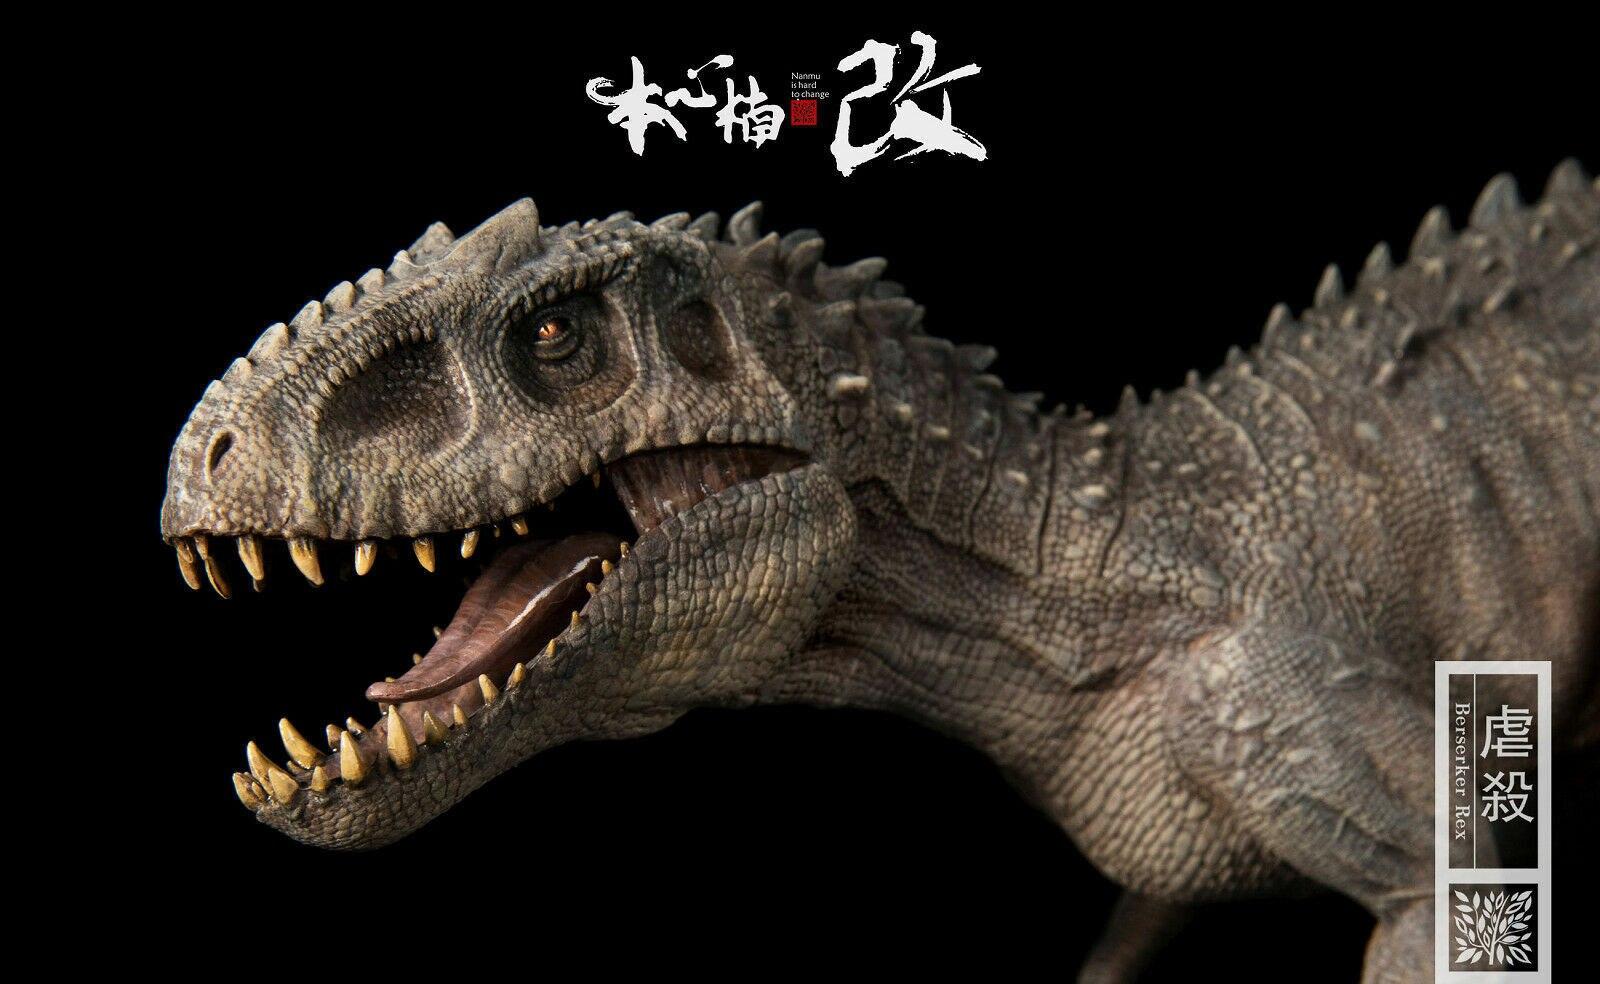 Dinossauro fanático série de filmes bereserker rex 1/35 escala figura modelo brinquedo